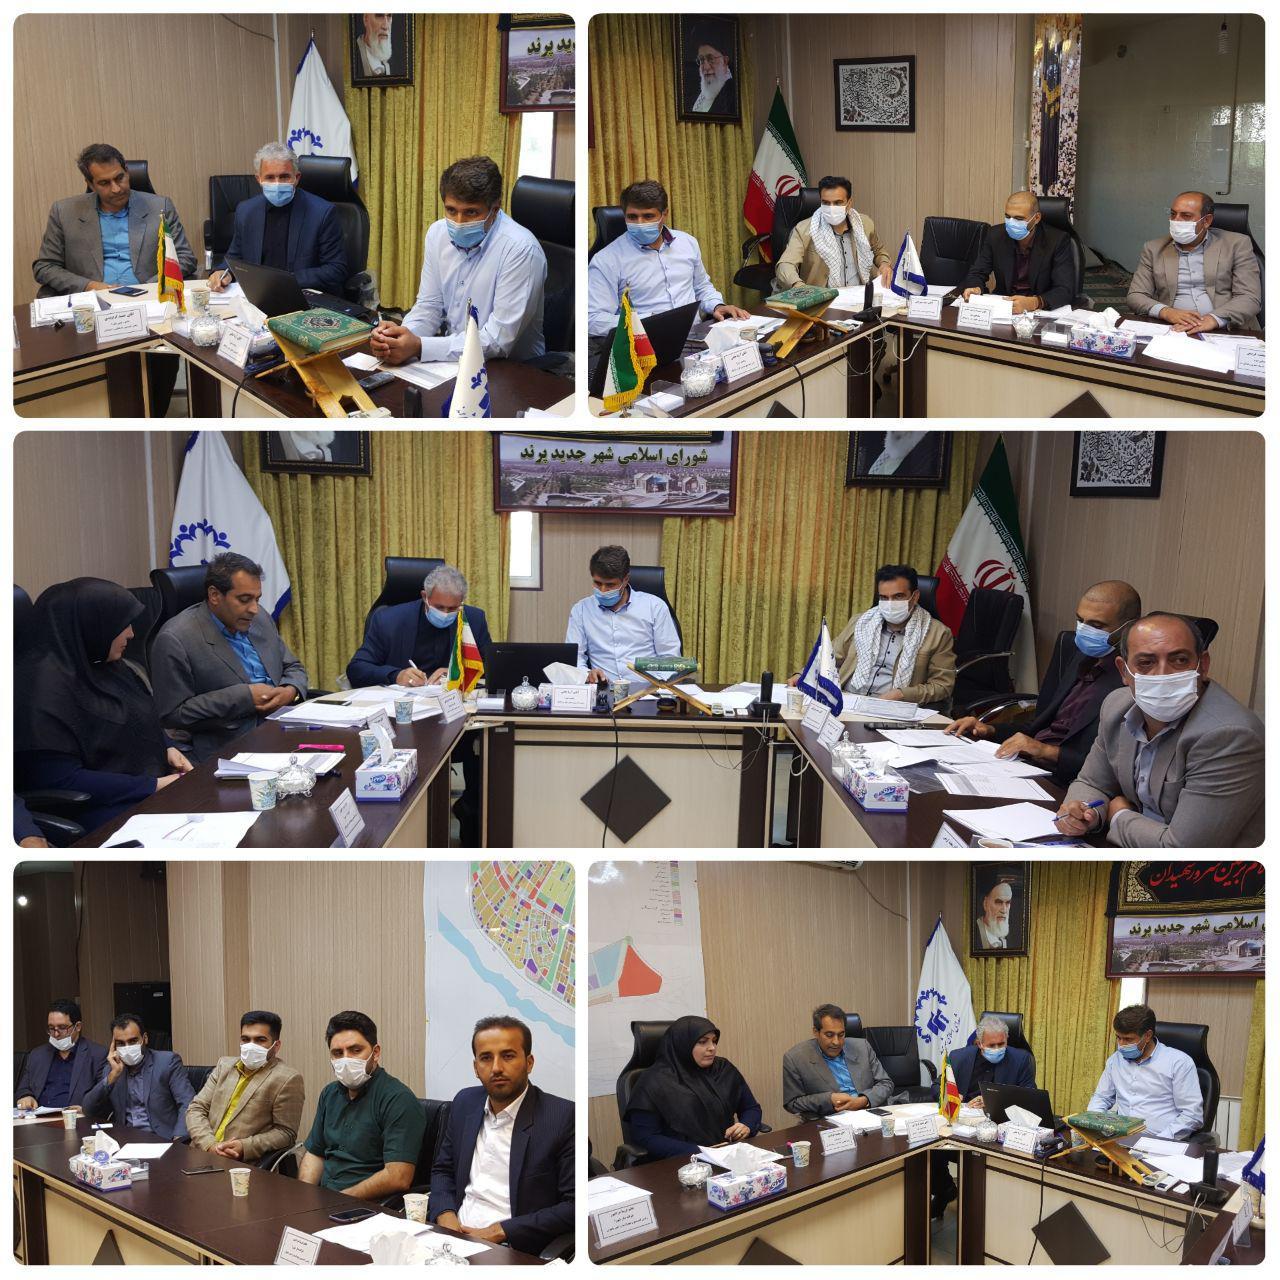 جلسه شورای اسلامی شهر پرند برگزار شد